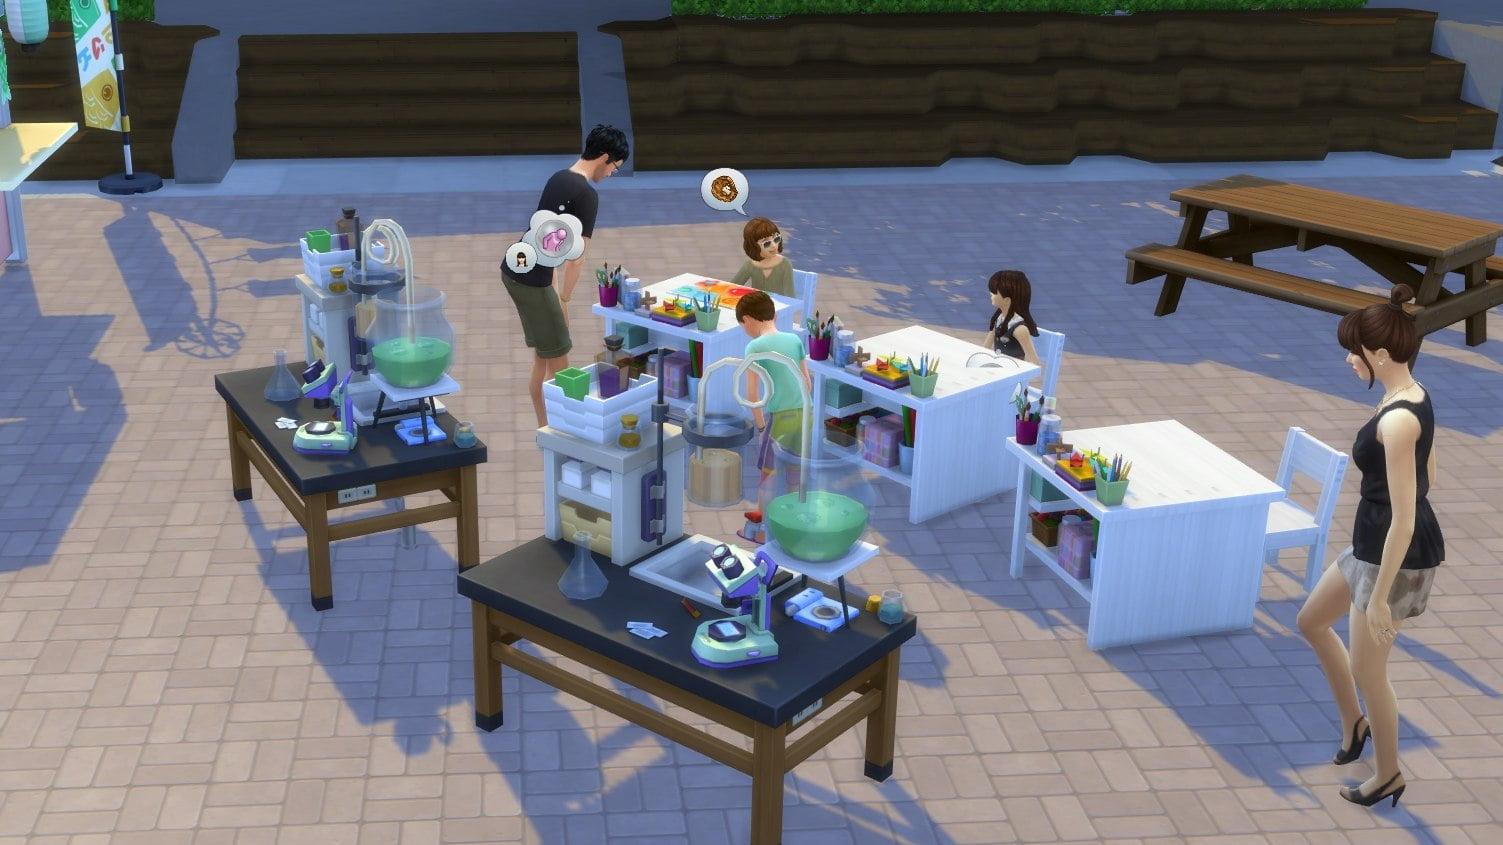 Sims 4 Ab ins Schneeparadies Kinder erlernen spielerisch an Kreativtischen während des Jugendfests neue Fähigkeiten